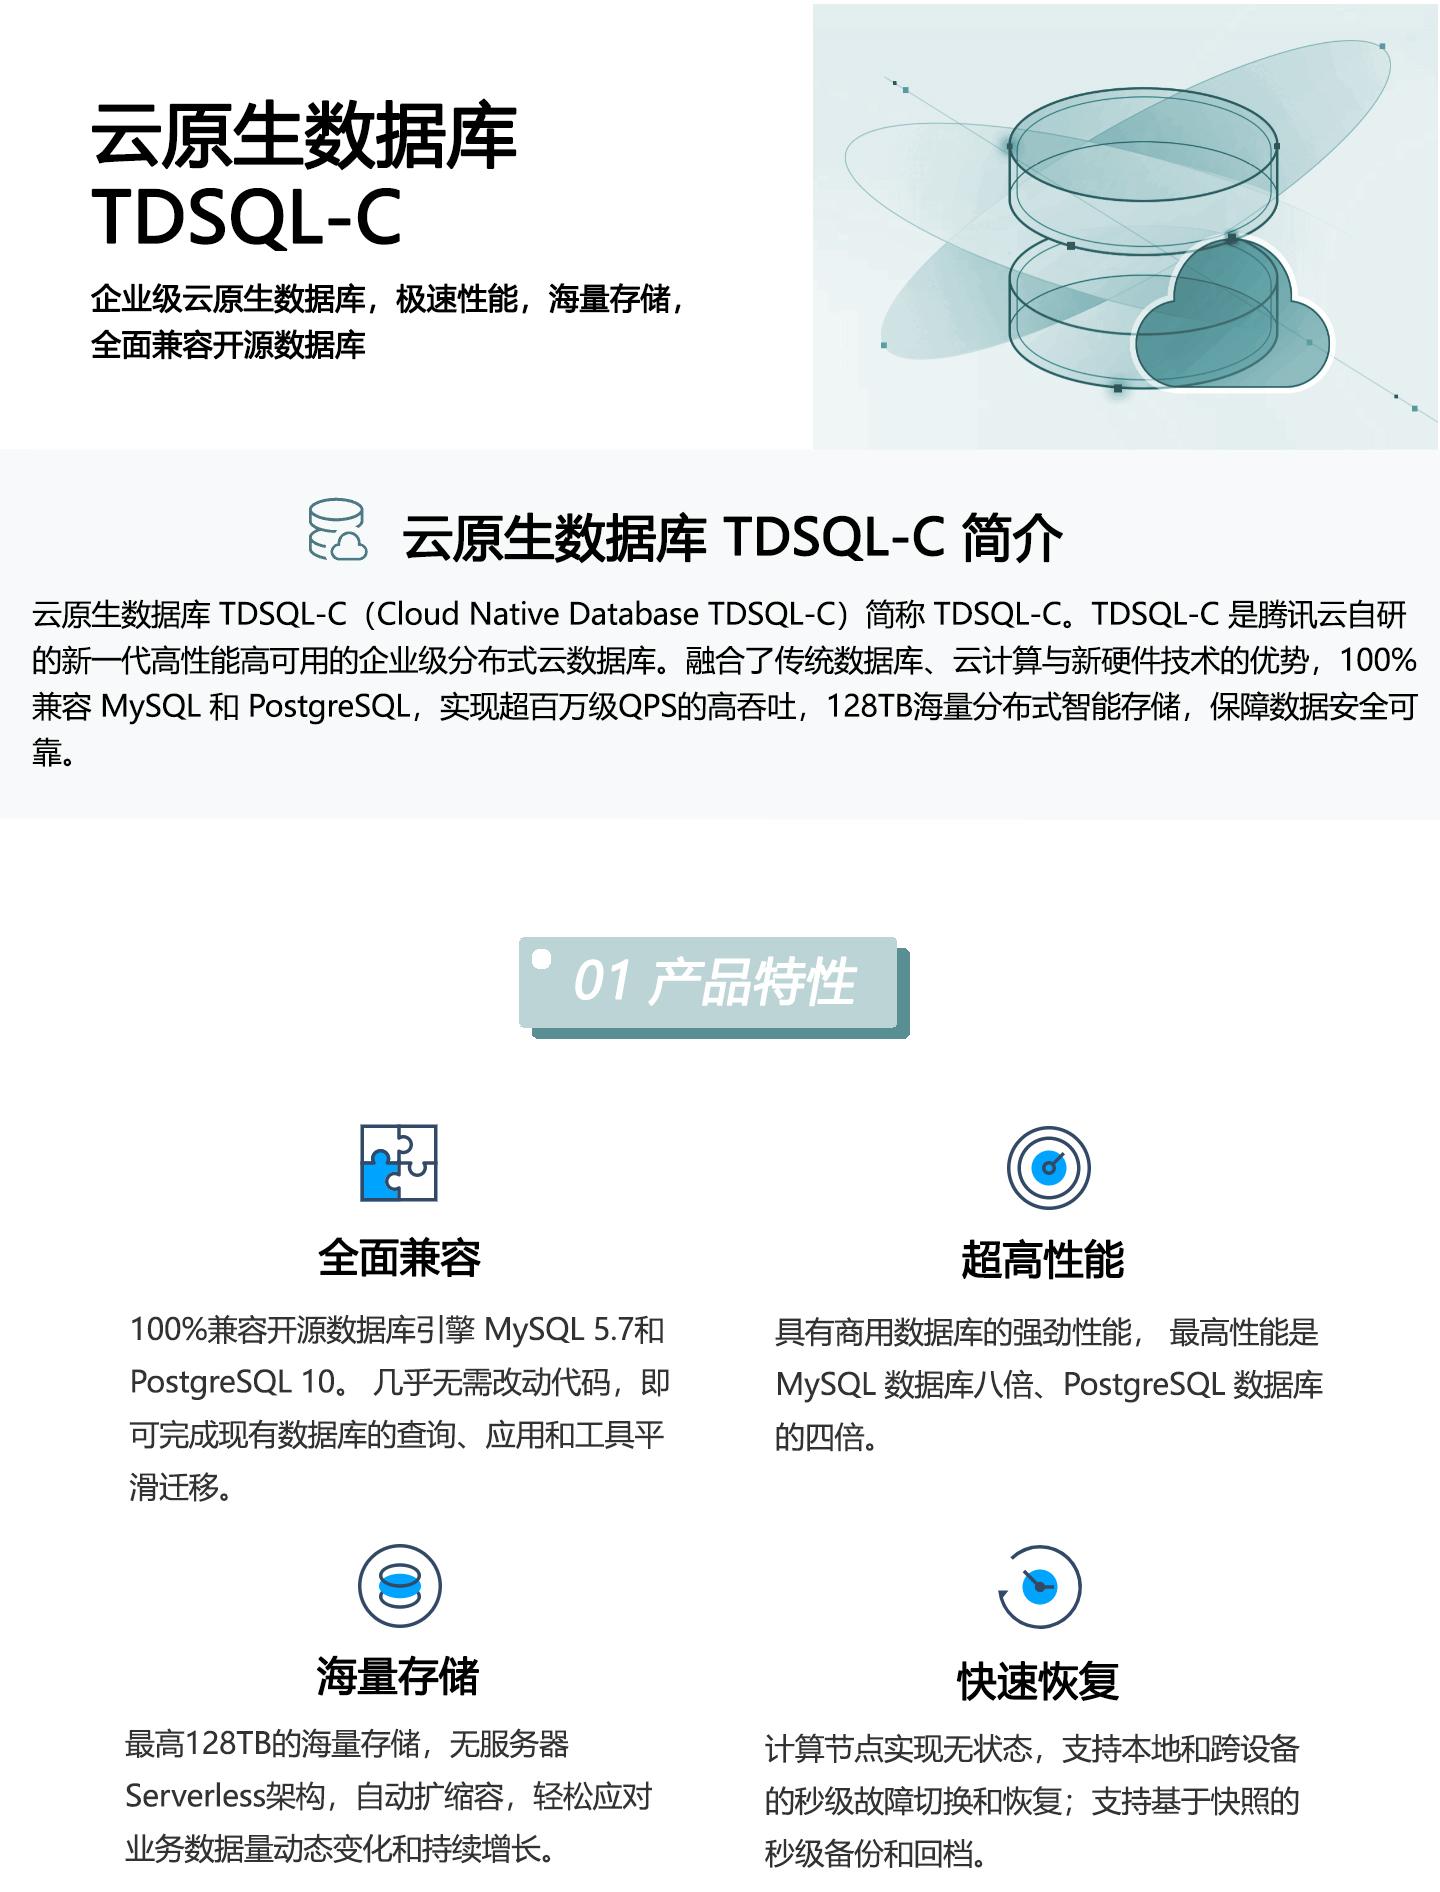 云原生数据库-TDSQL-C-1440_01.jpg